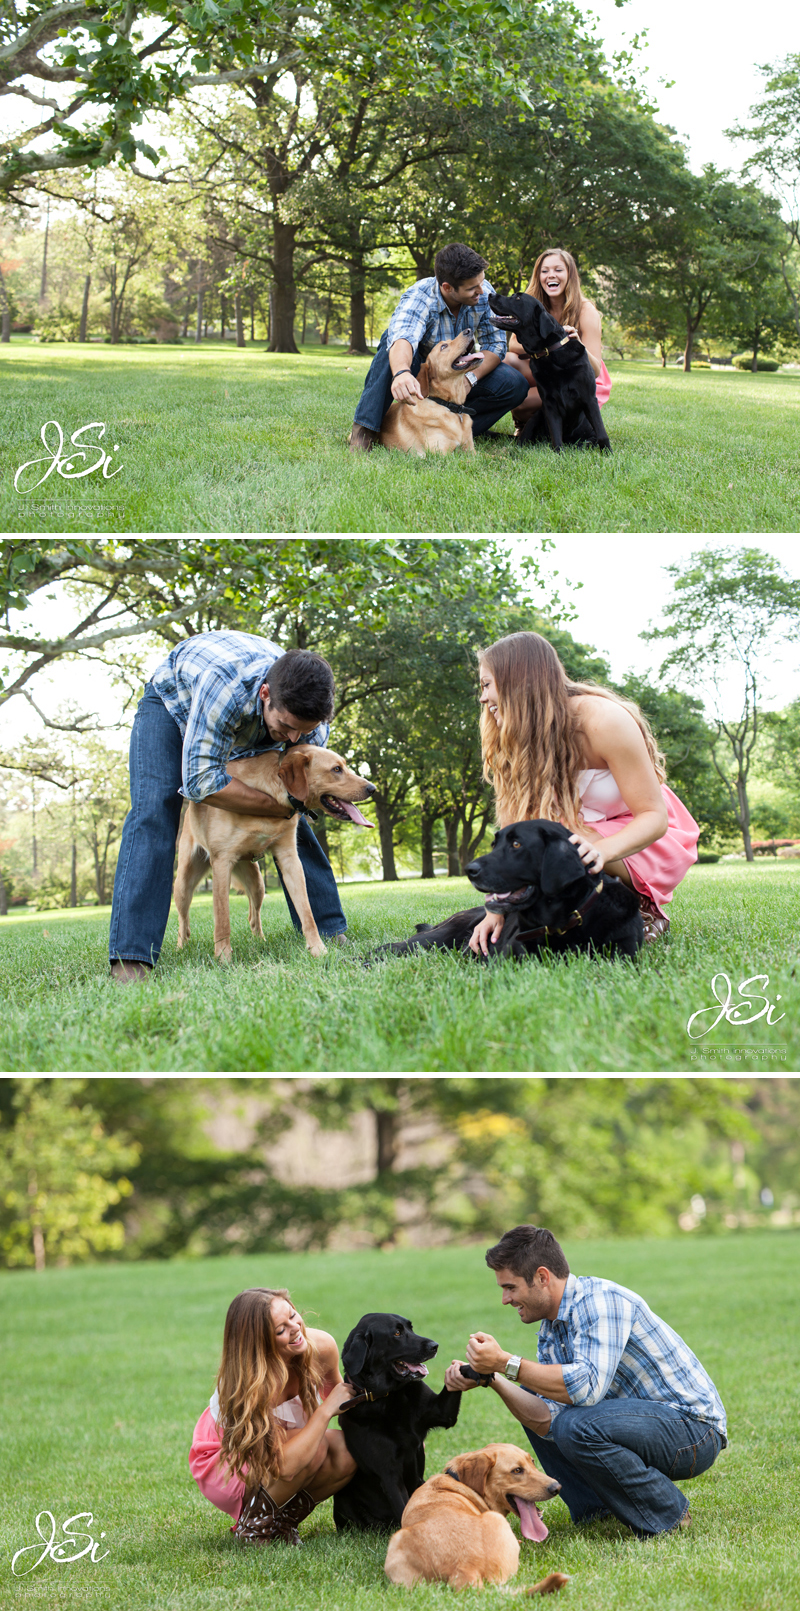 KC Loose Park Engagement session photo